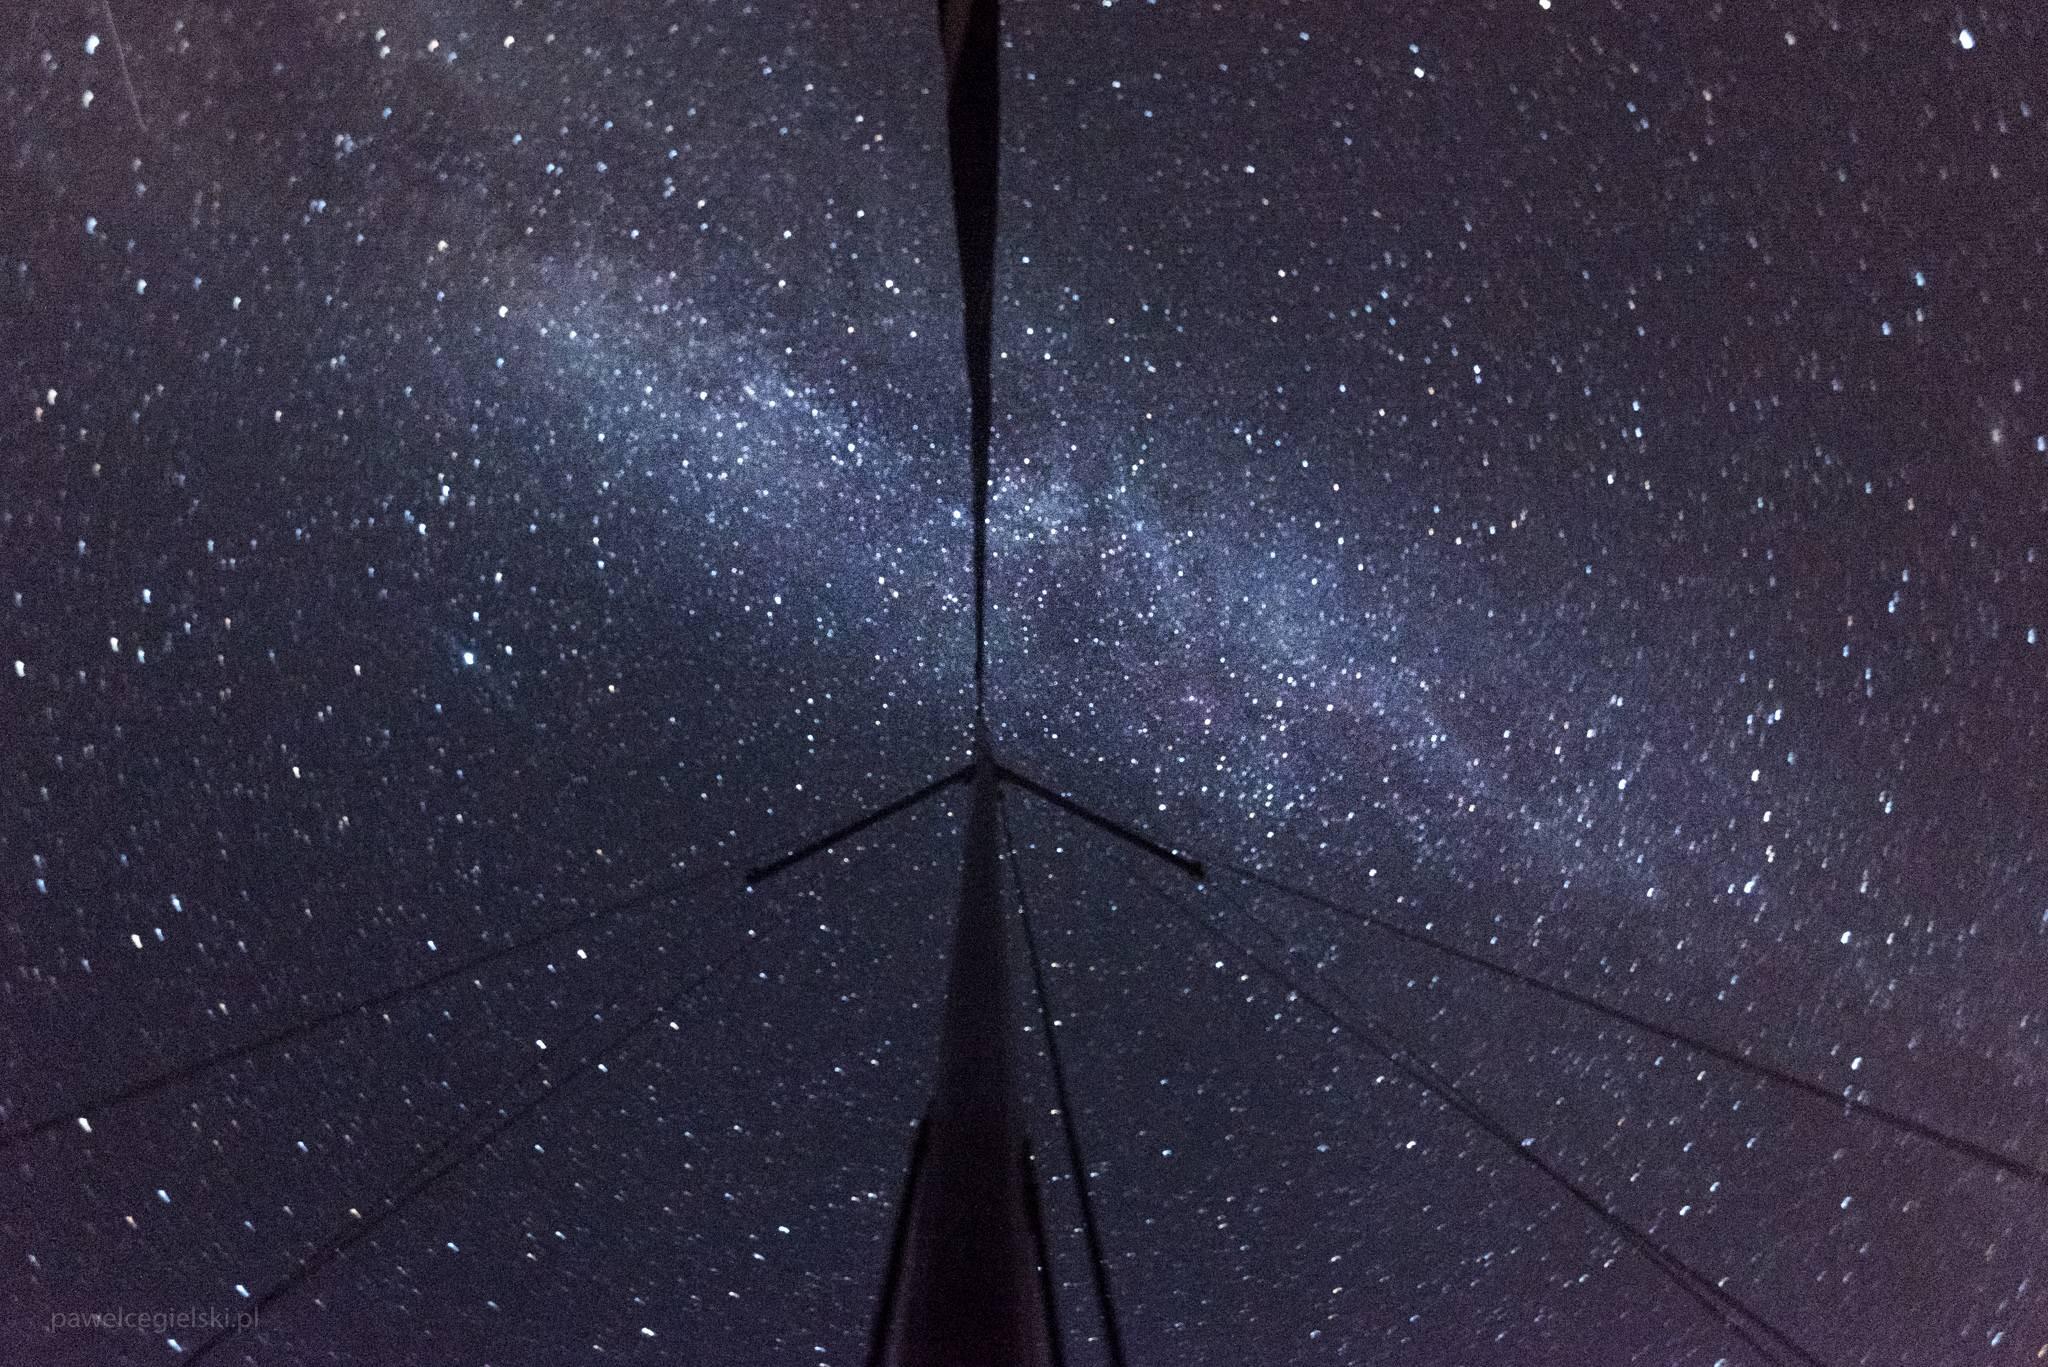 Почему на космических фотографиях не видно звёзд? - 12